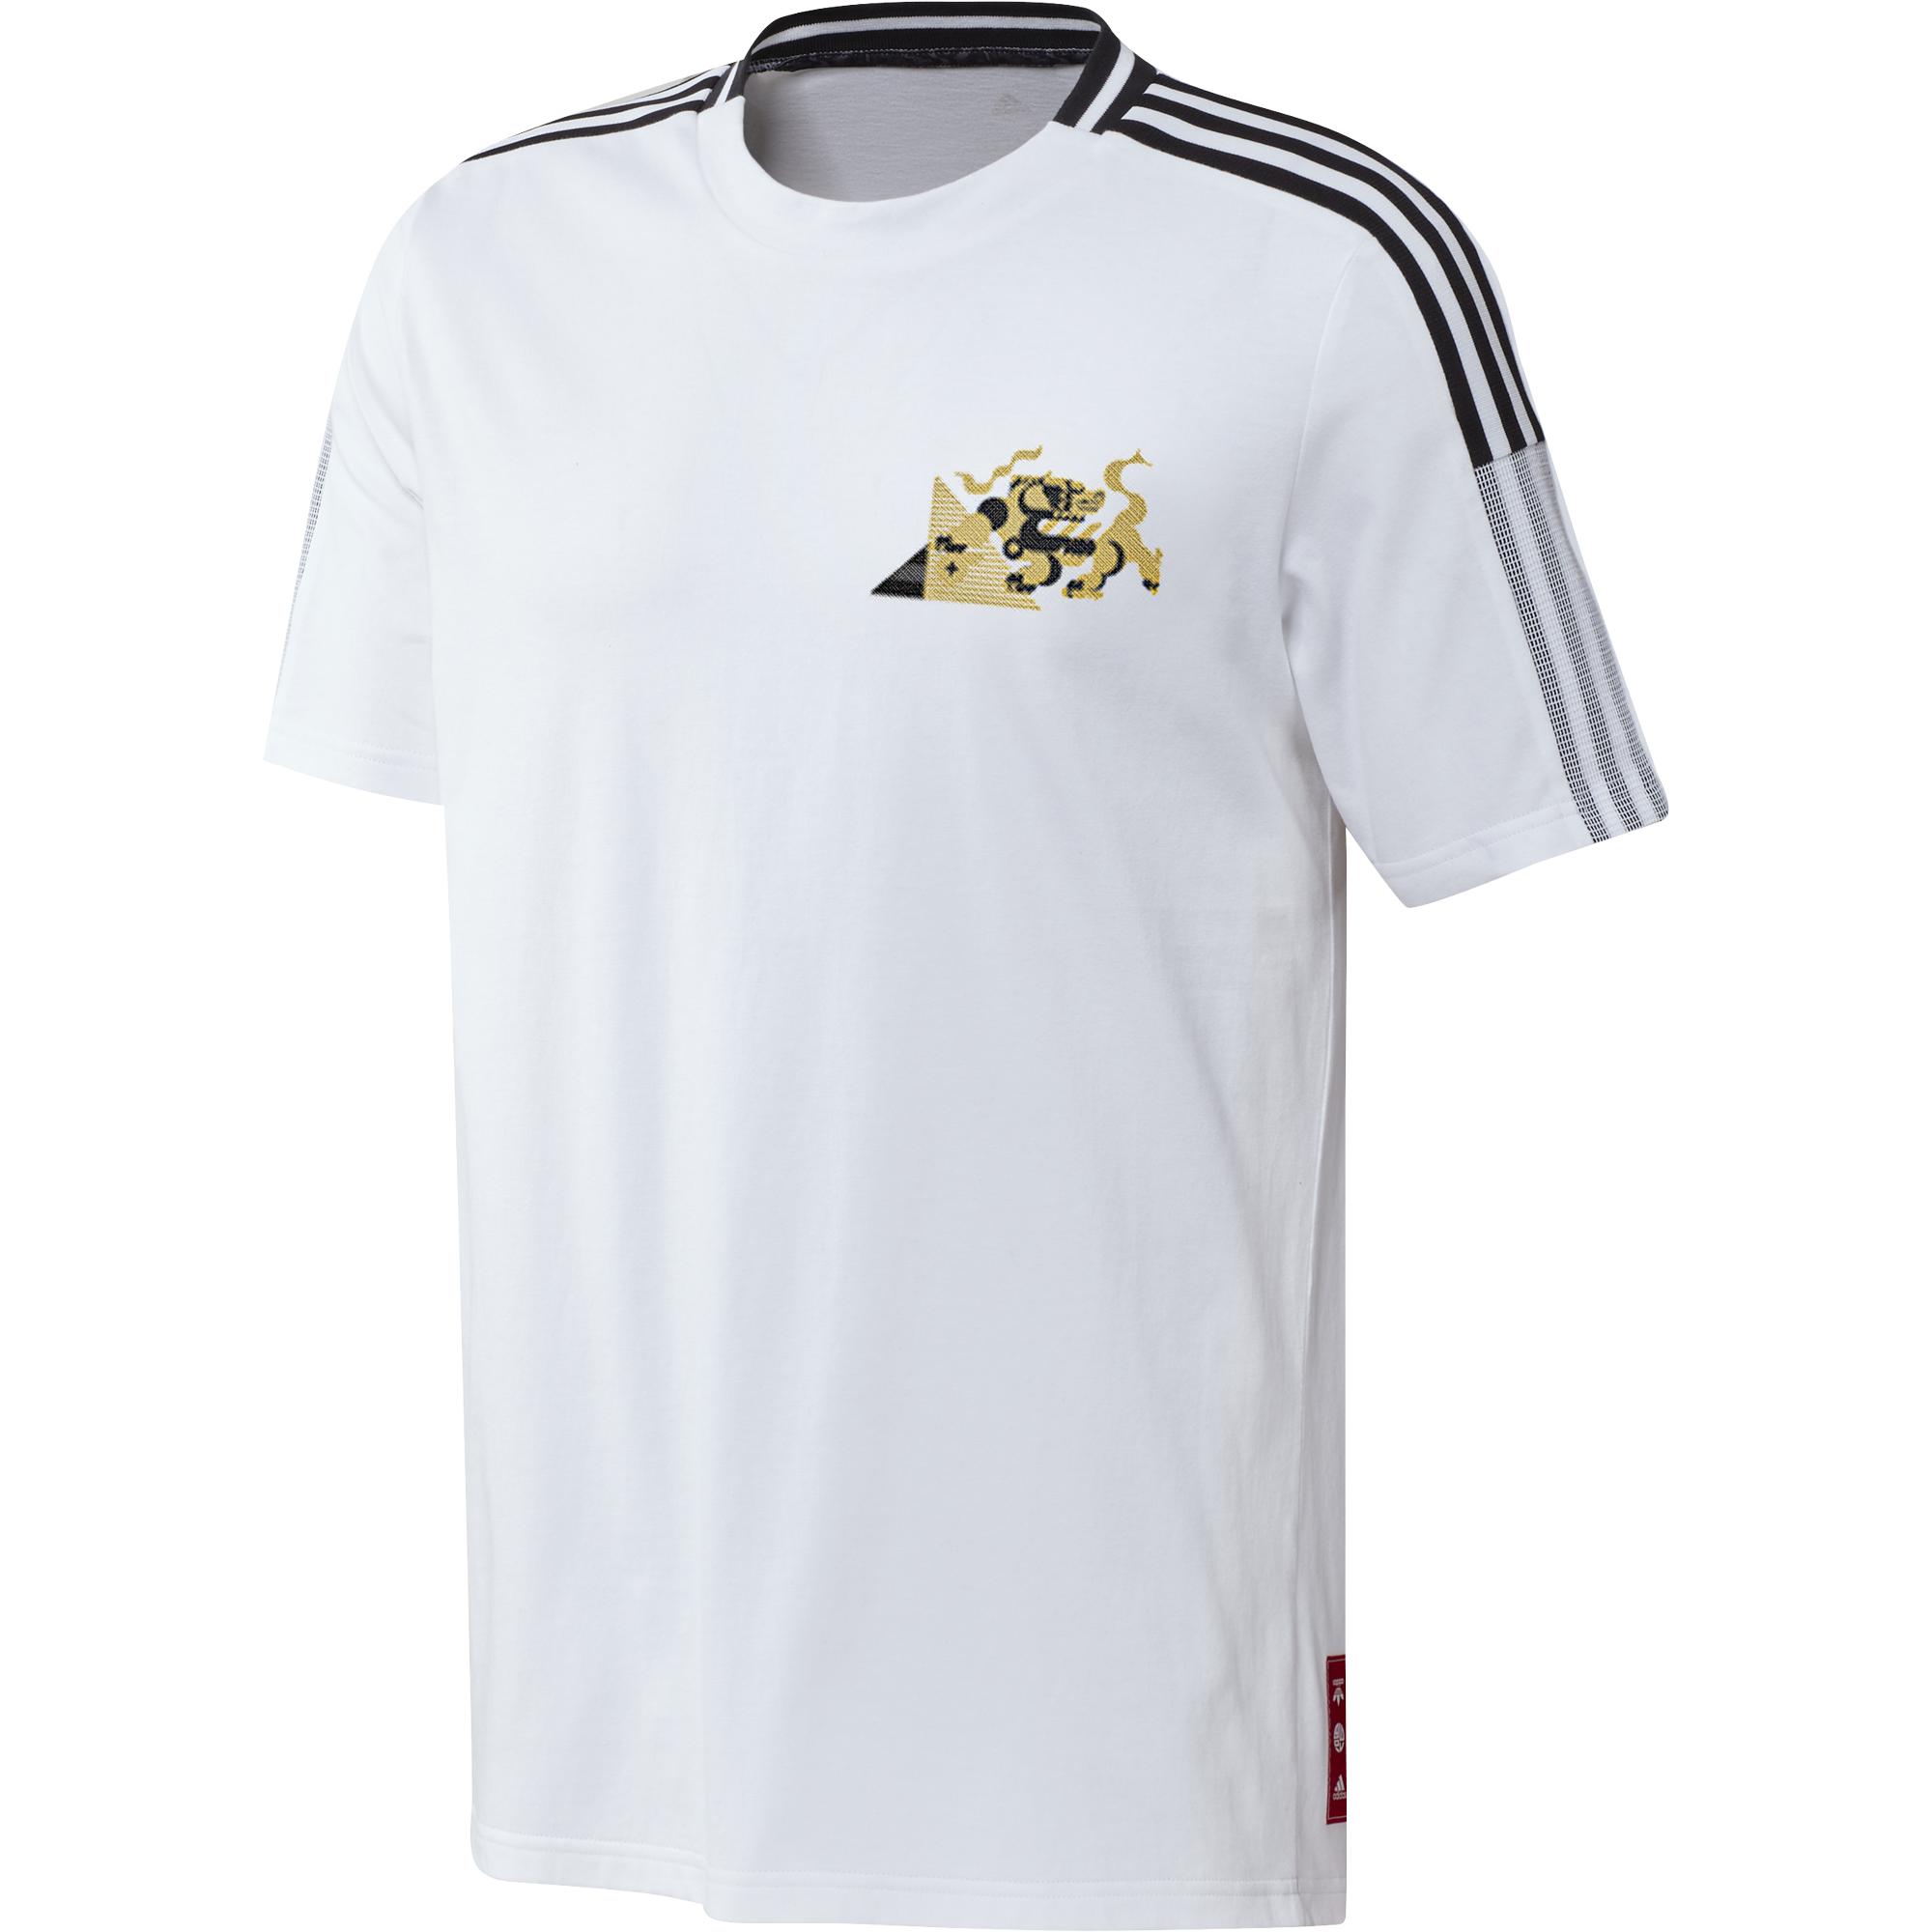 Adidas Juventus CNY Tee